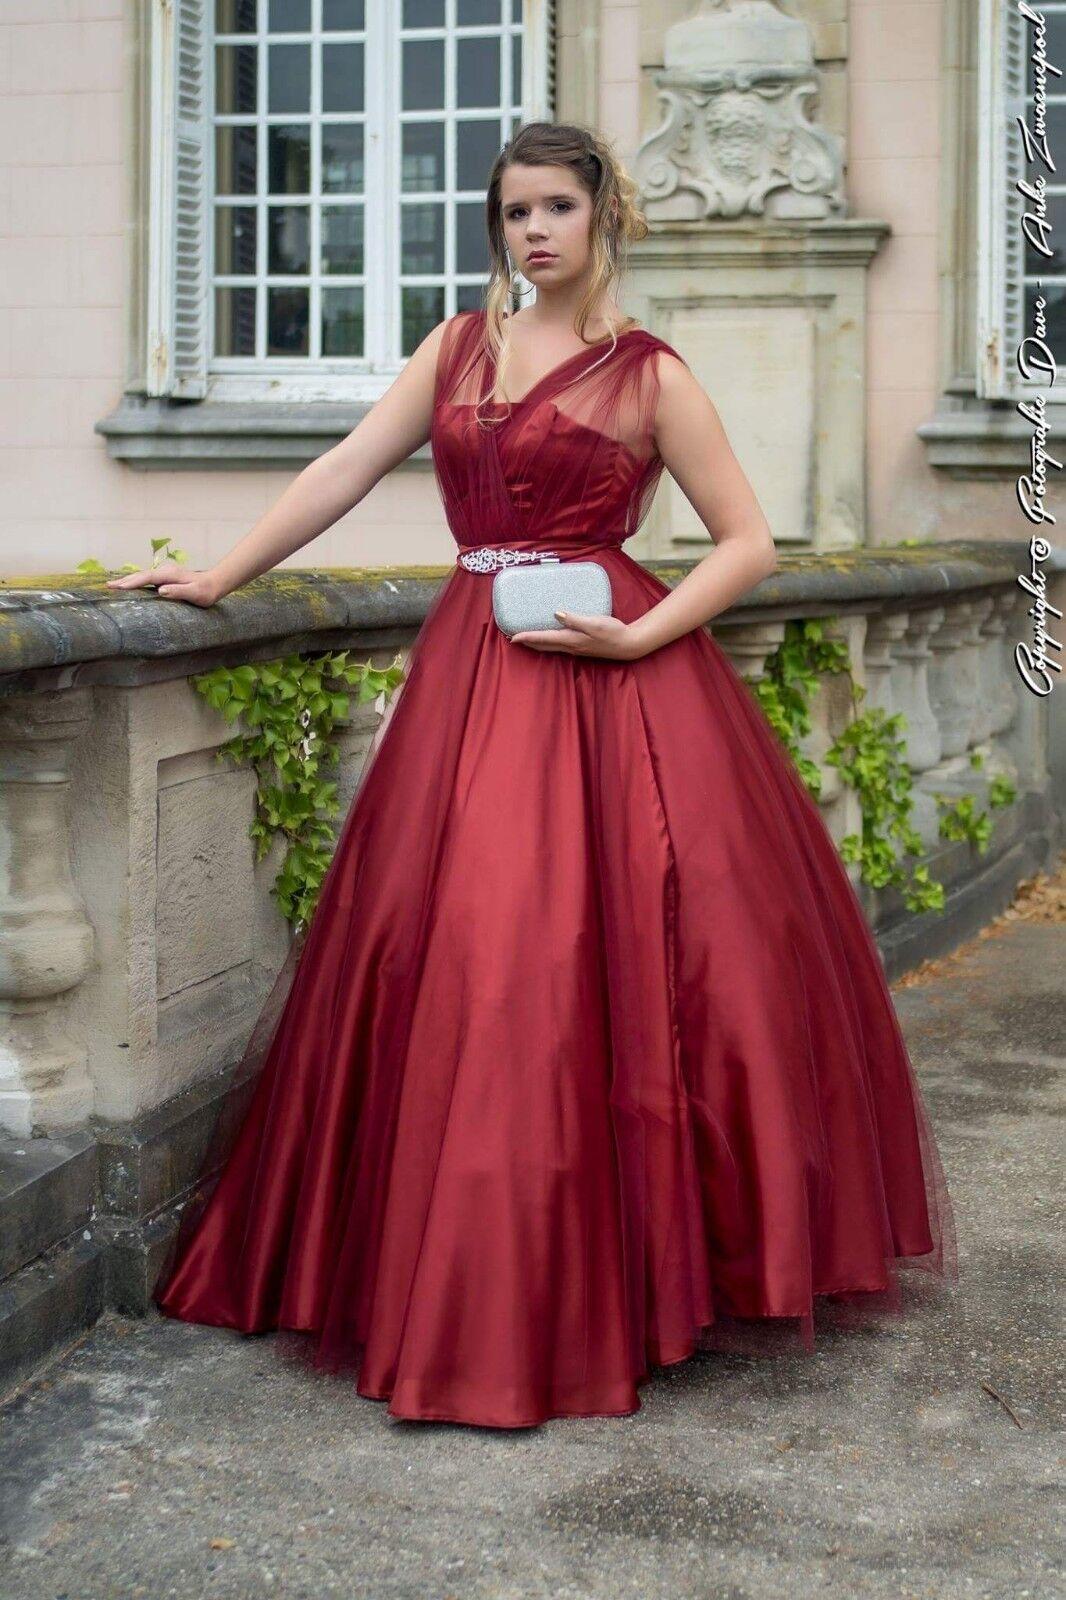 Handmade rojo satin  and tulle ballgown  aquí tiene la última